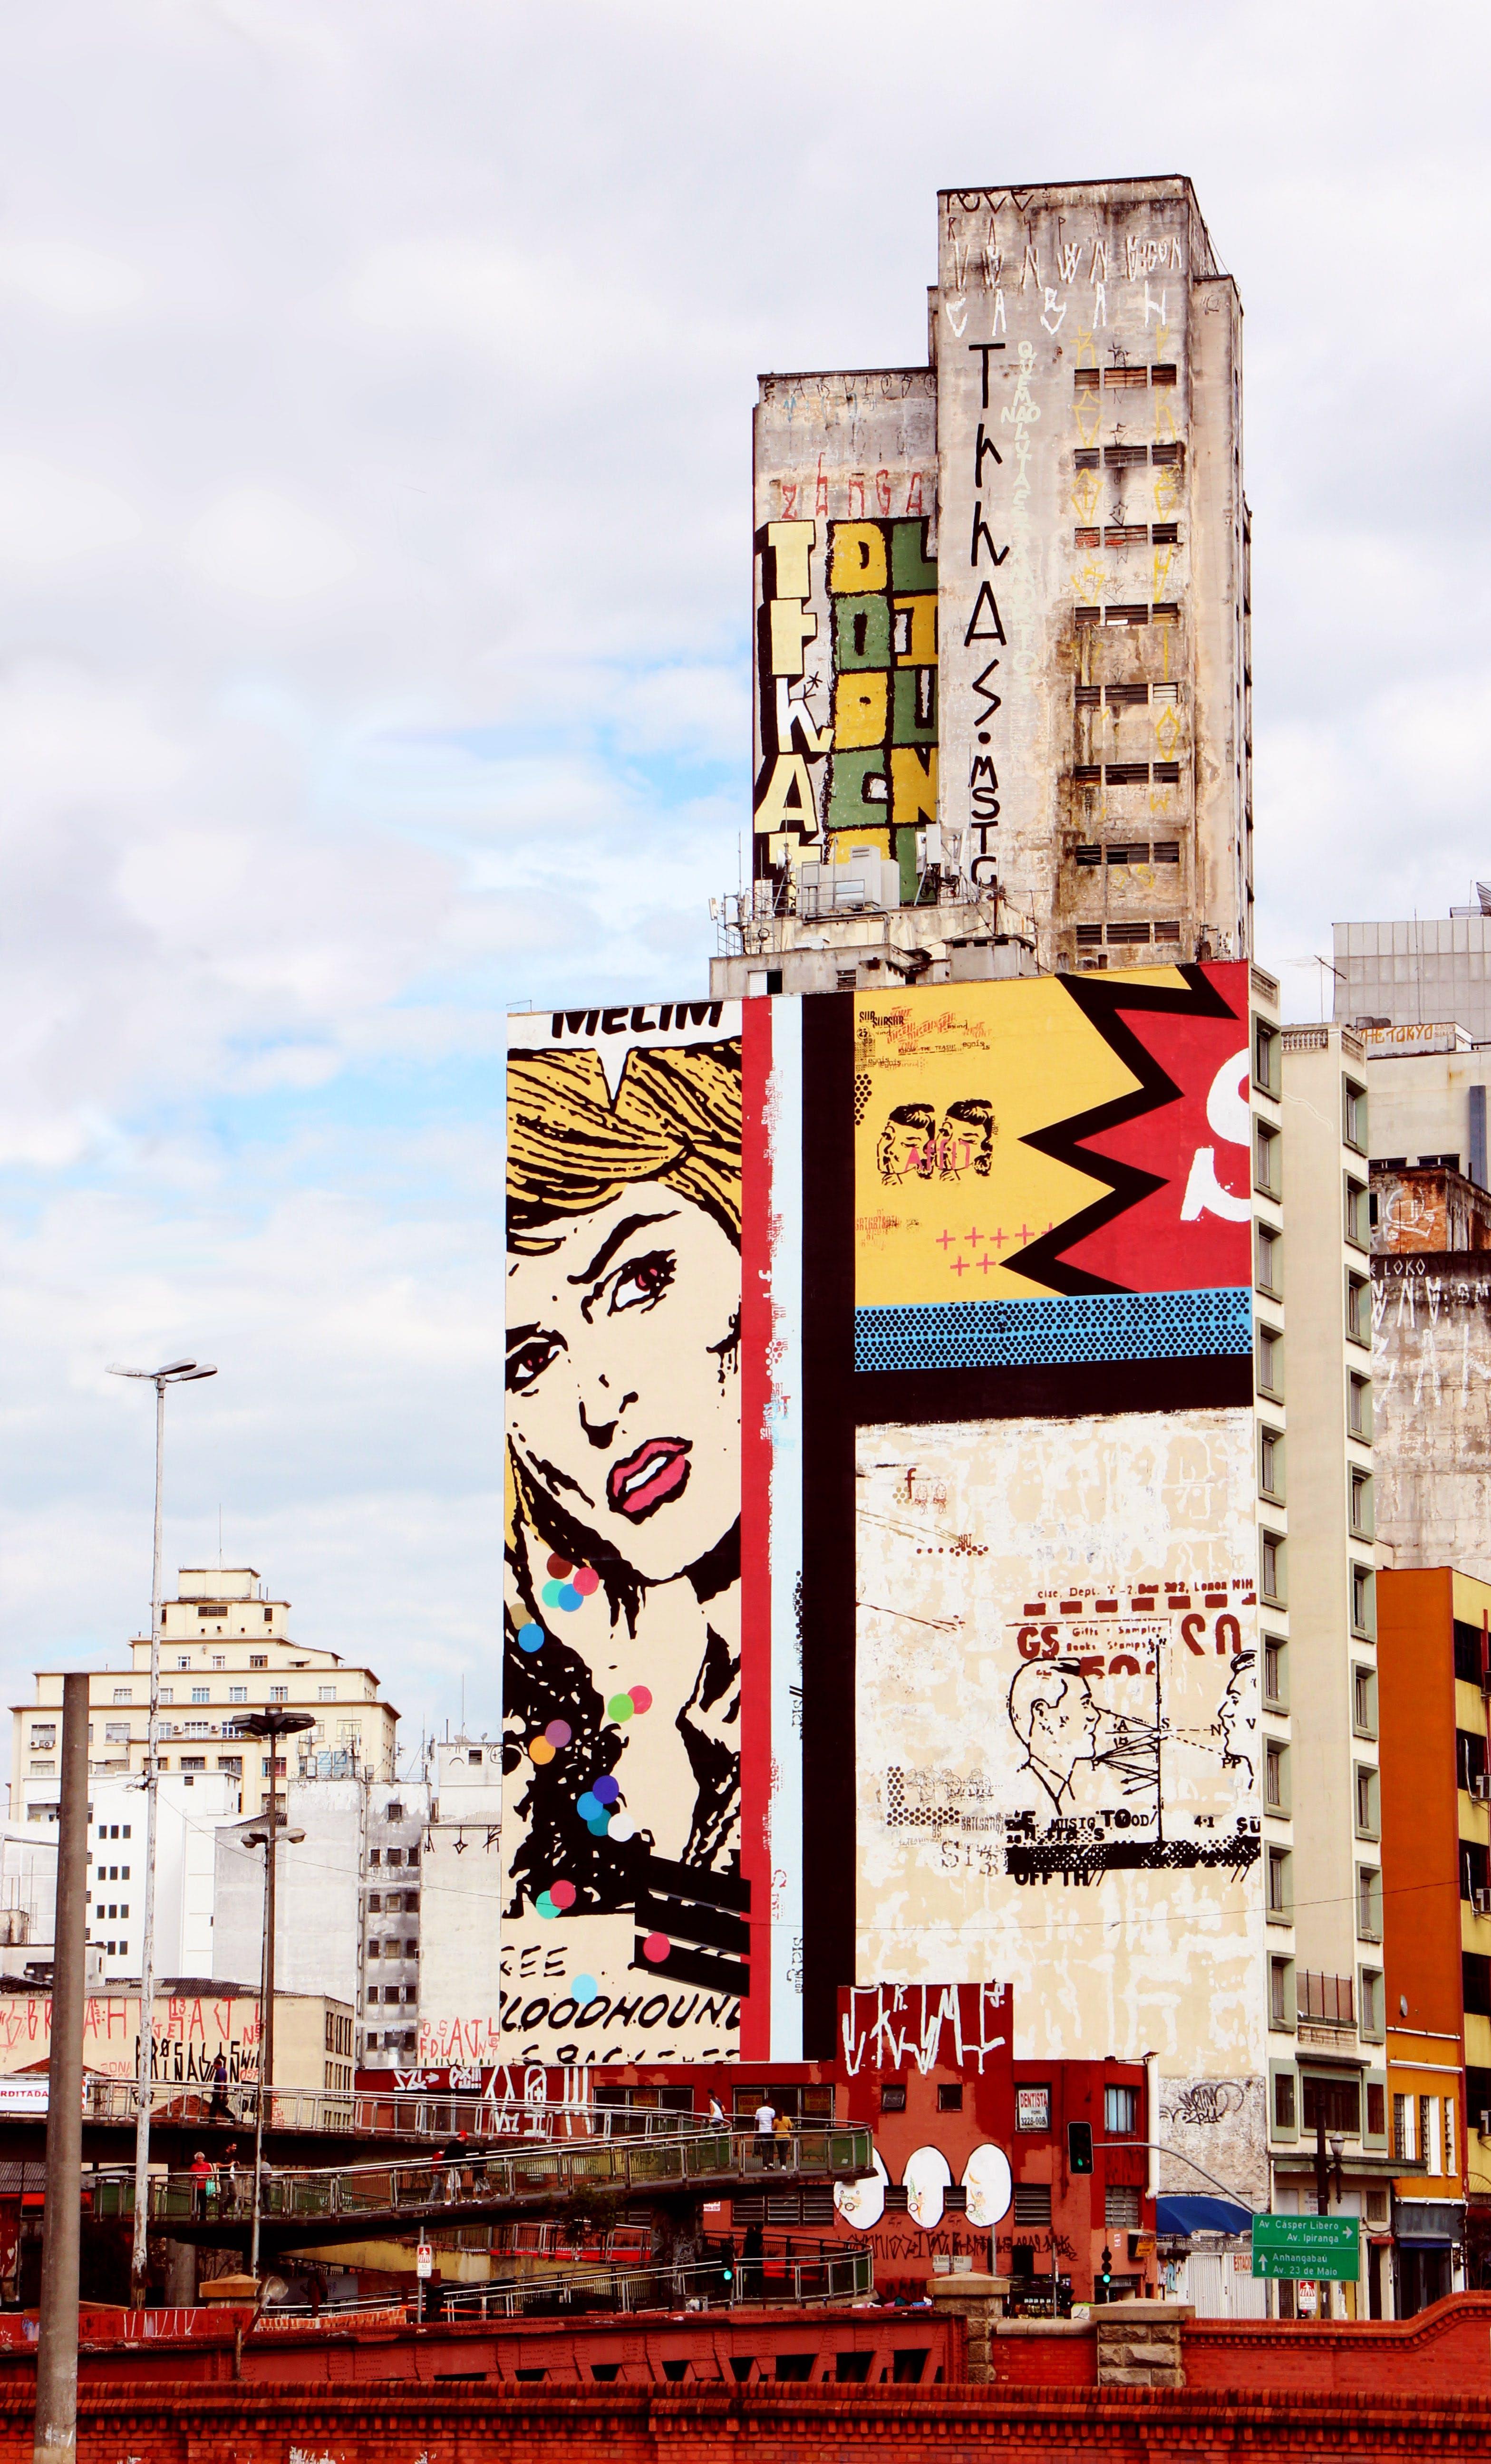 Graffiti on White Concrete Building